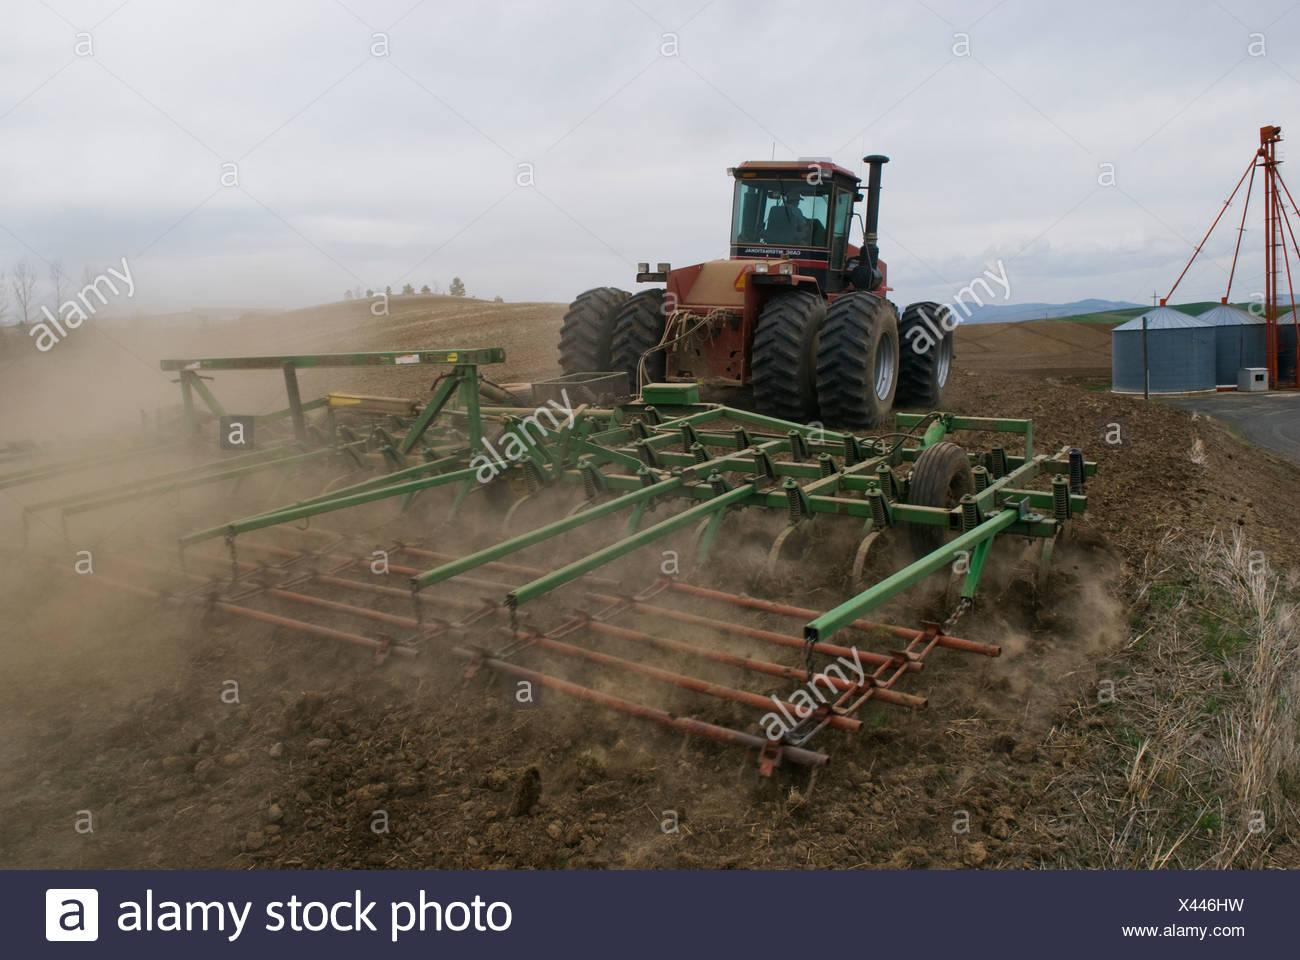 Ein Traktor und Grubber bereitet ein Feld für die Bepflanzung Garbanzo Bohnen / in der Nähe von Pullman, Palouse Region, Washington, USA. Stockbild